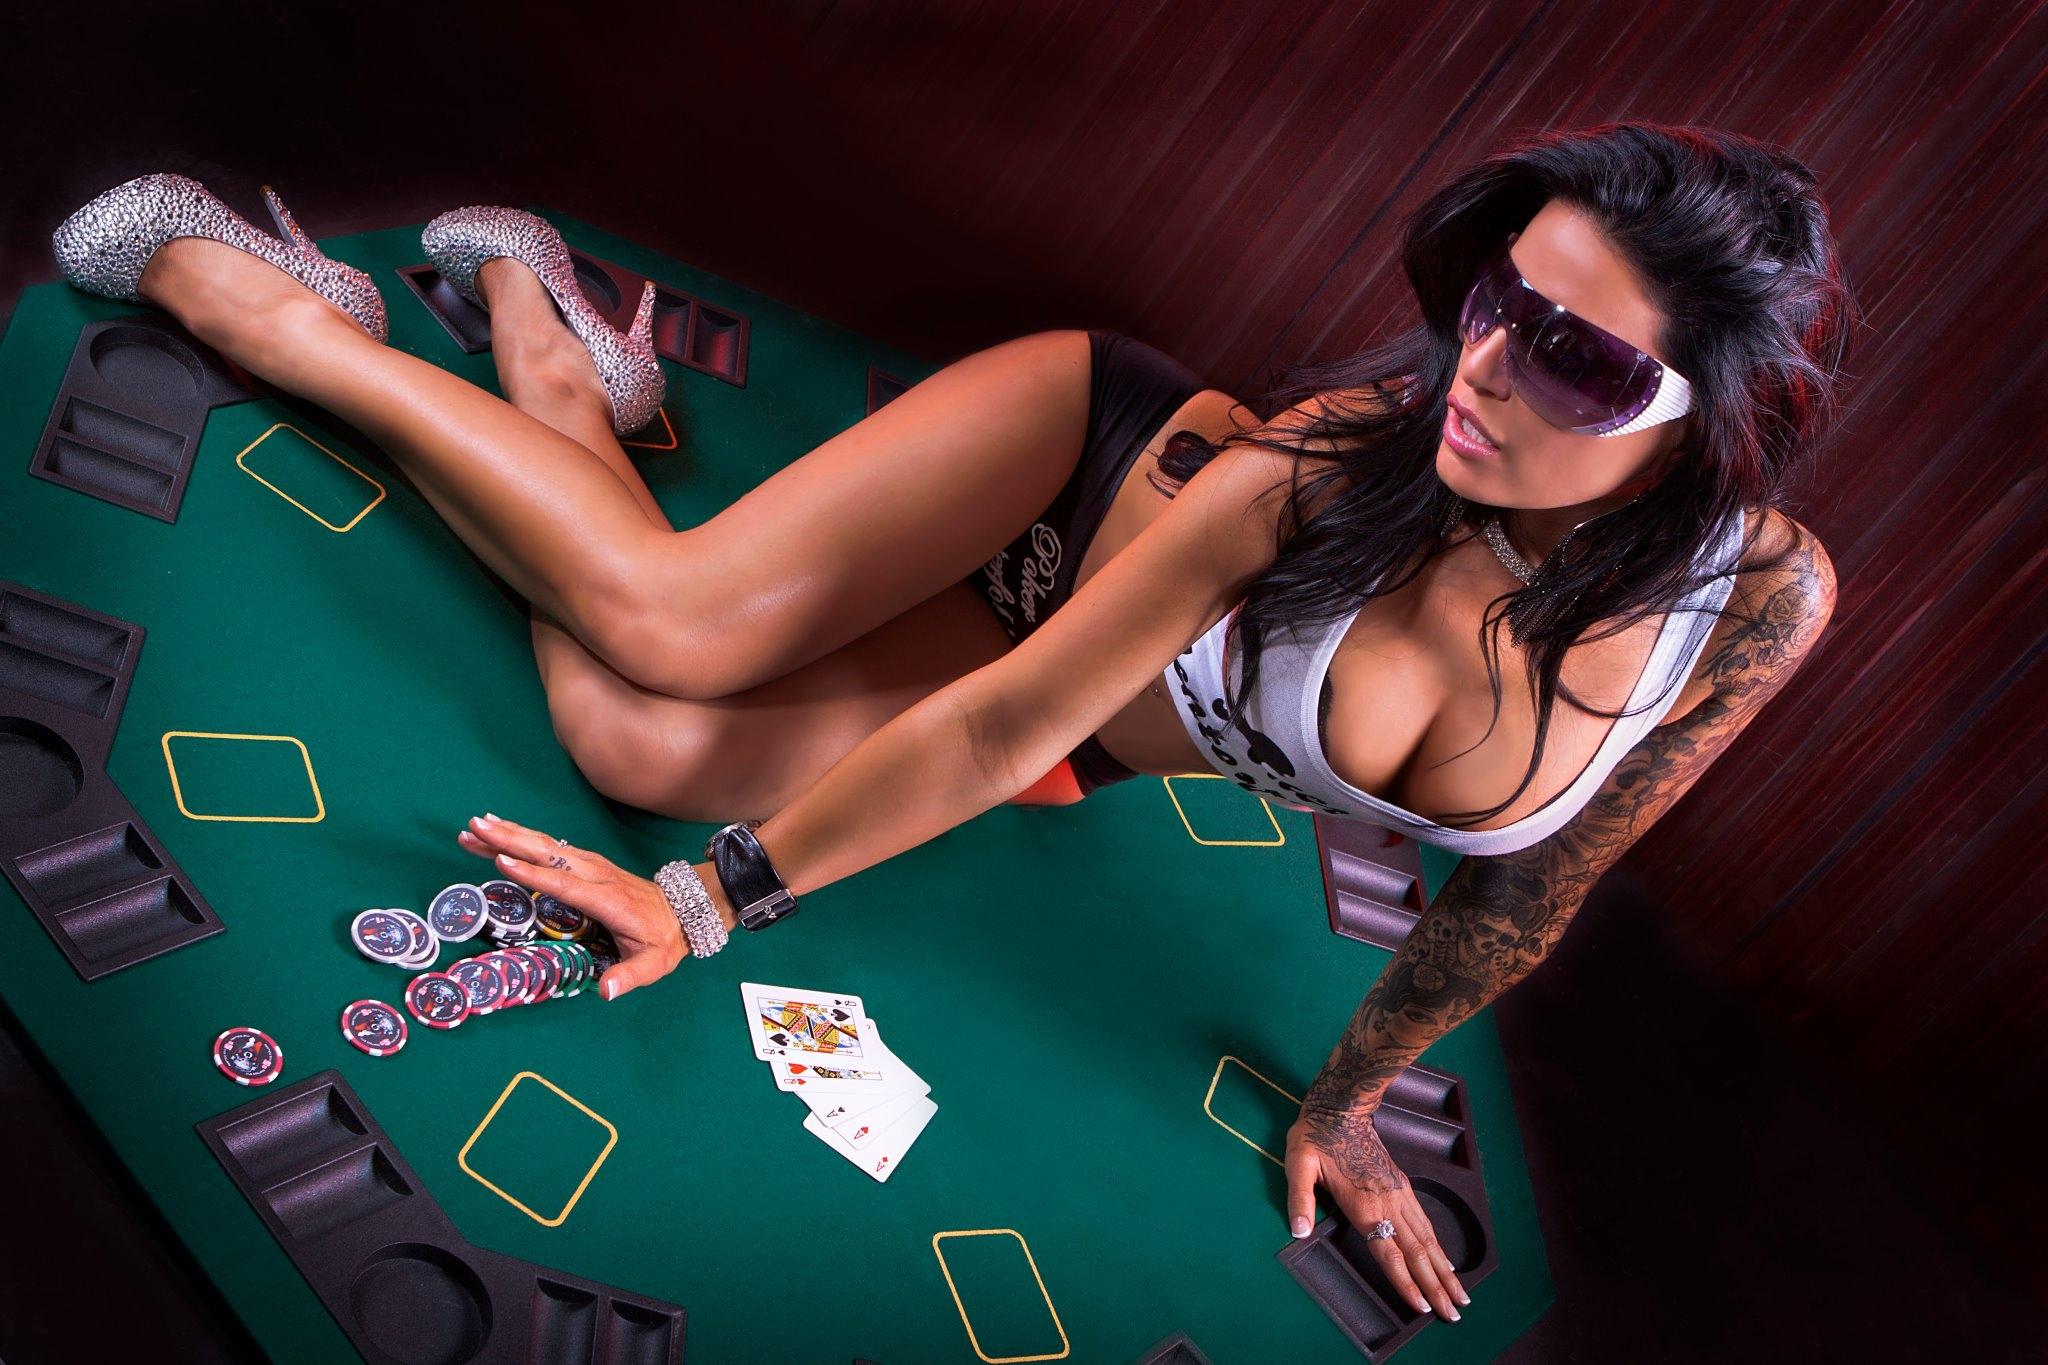 голые девушки в казино